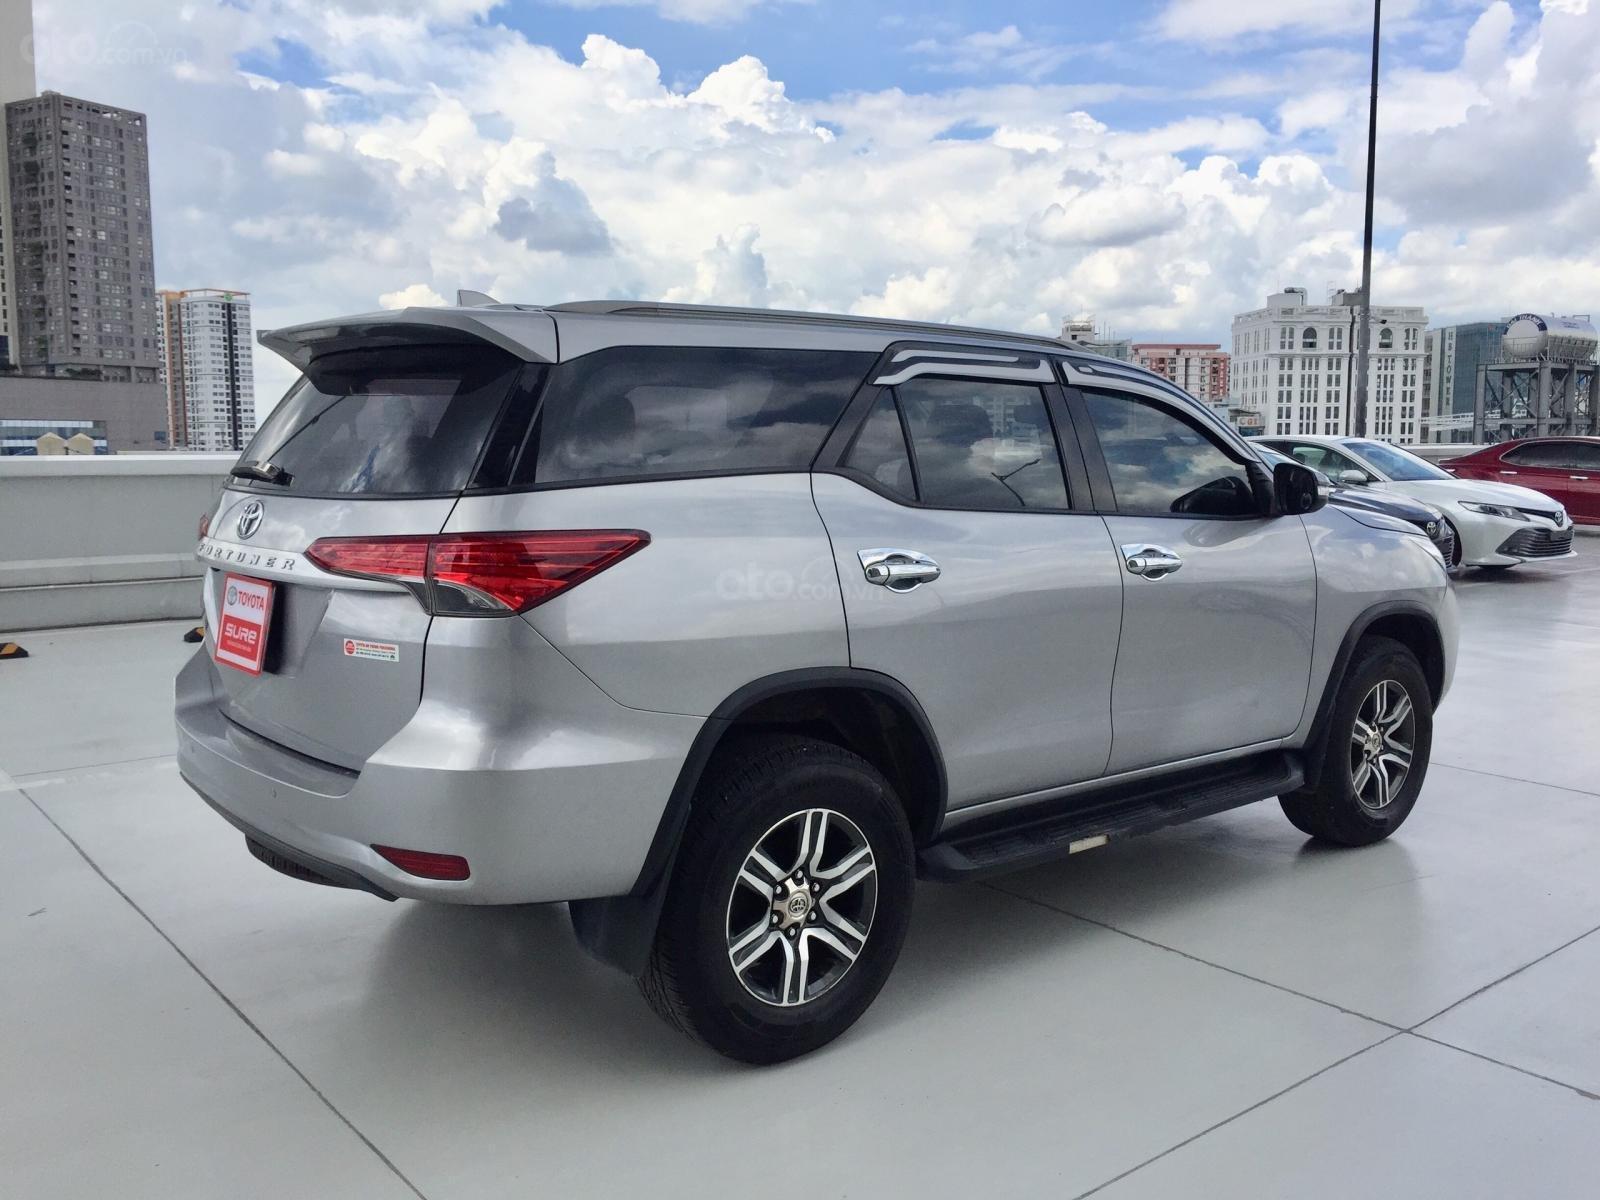 Thanh lý xe Toyota Fortuner 2.4G MT 2017, màu bạc xe đi được 79.000km - Xe chất giá tốt (6)